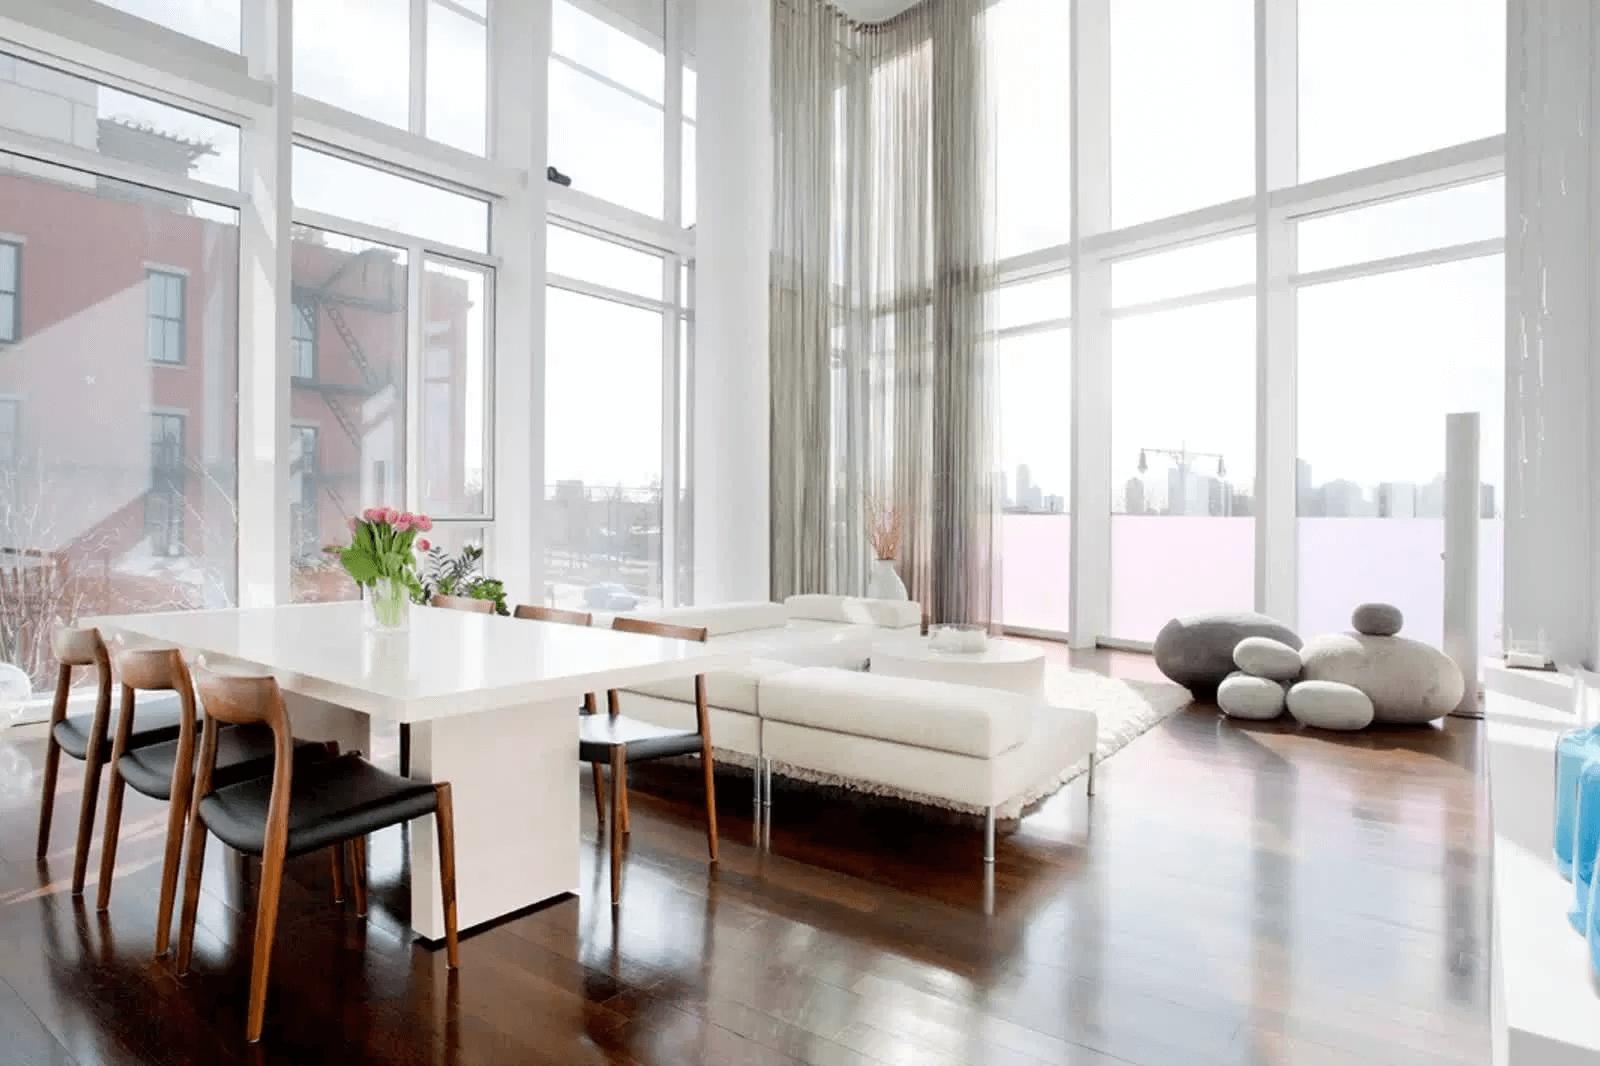 Wohnzimmer Einrichten Online Kostenlos Wohnzimmer Ideen